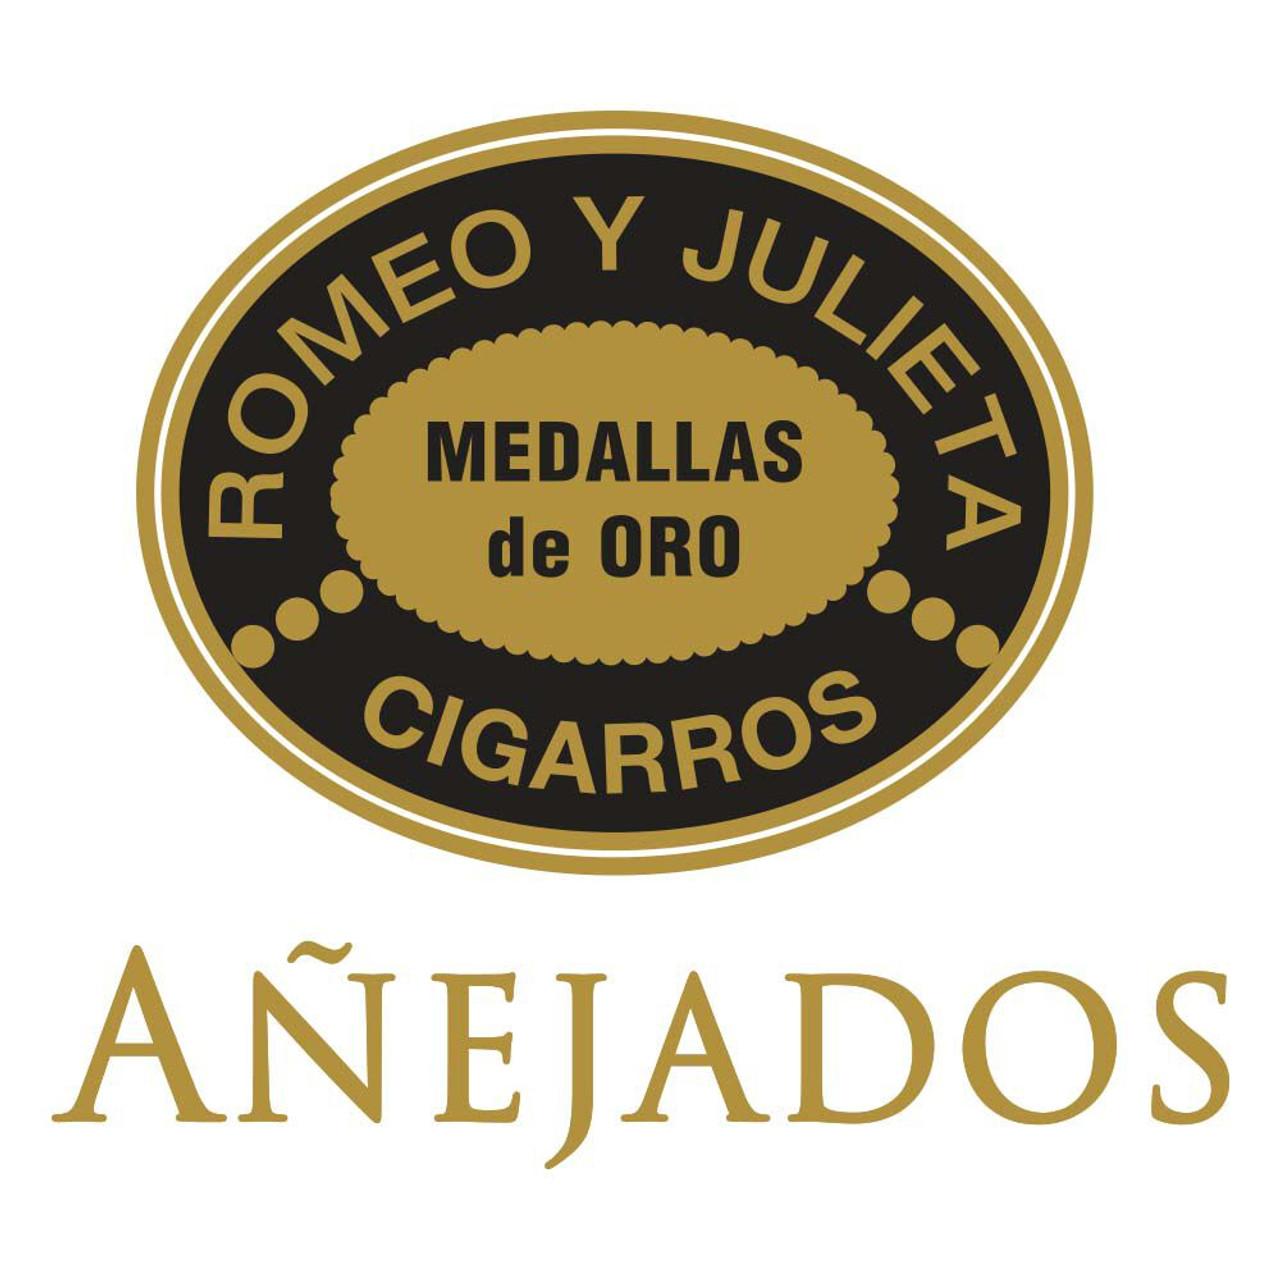 Romeo y Julieta Anejados Robusto Cigars - 5 x 50 (Box of 10)